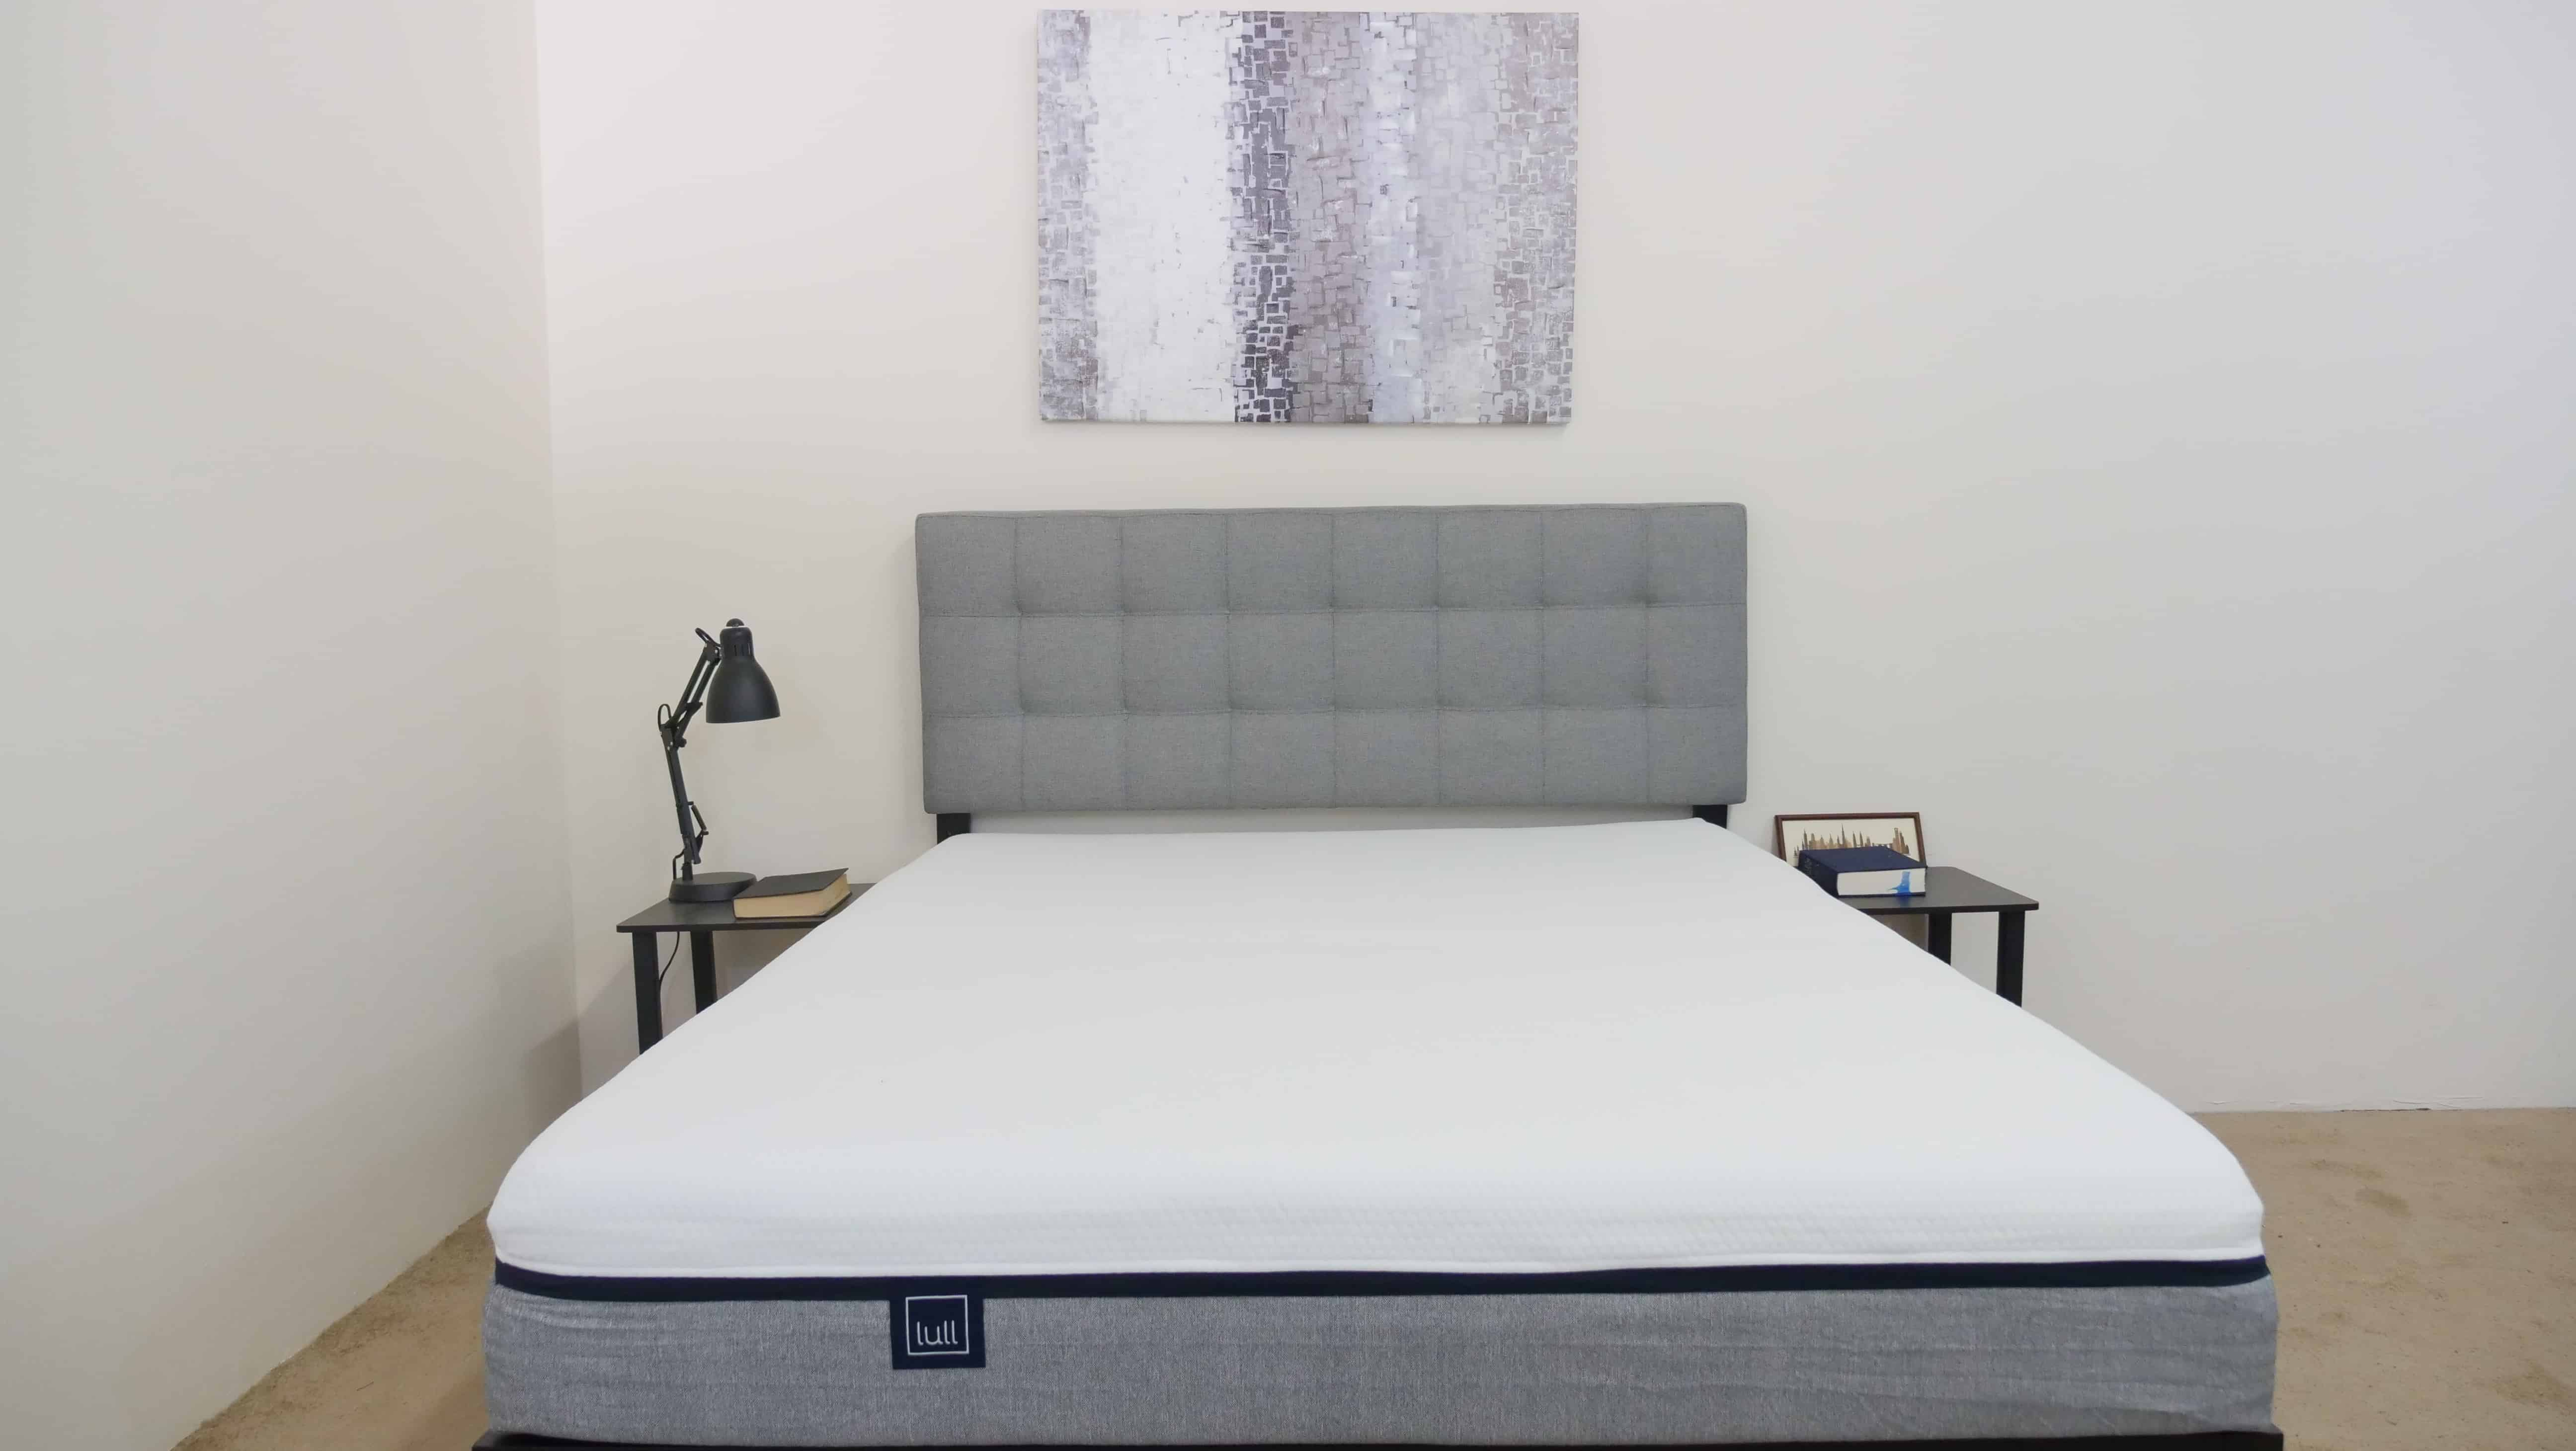 Lull Mattress Review  Sleepopolis